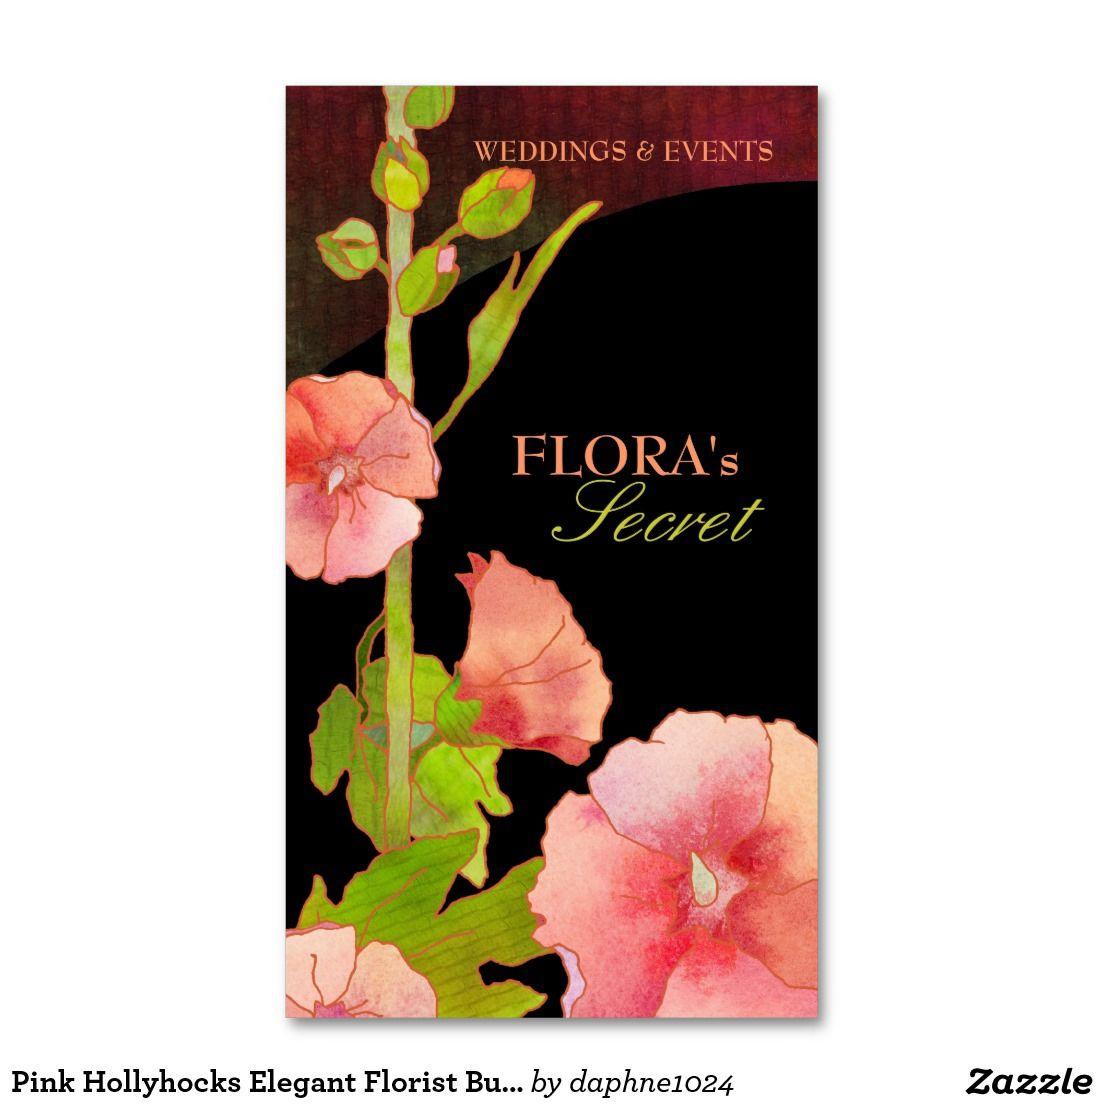 Pink Hollyhocks Elegant Florist Business Cards | business cards ...